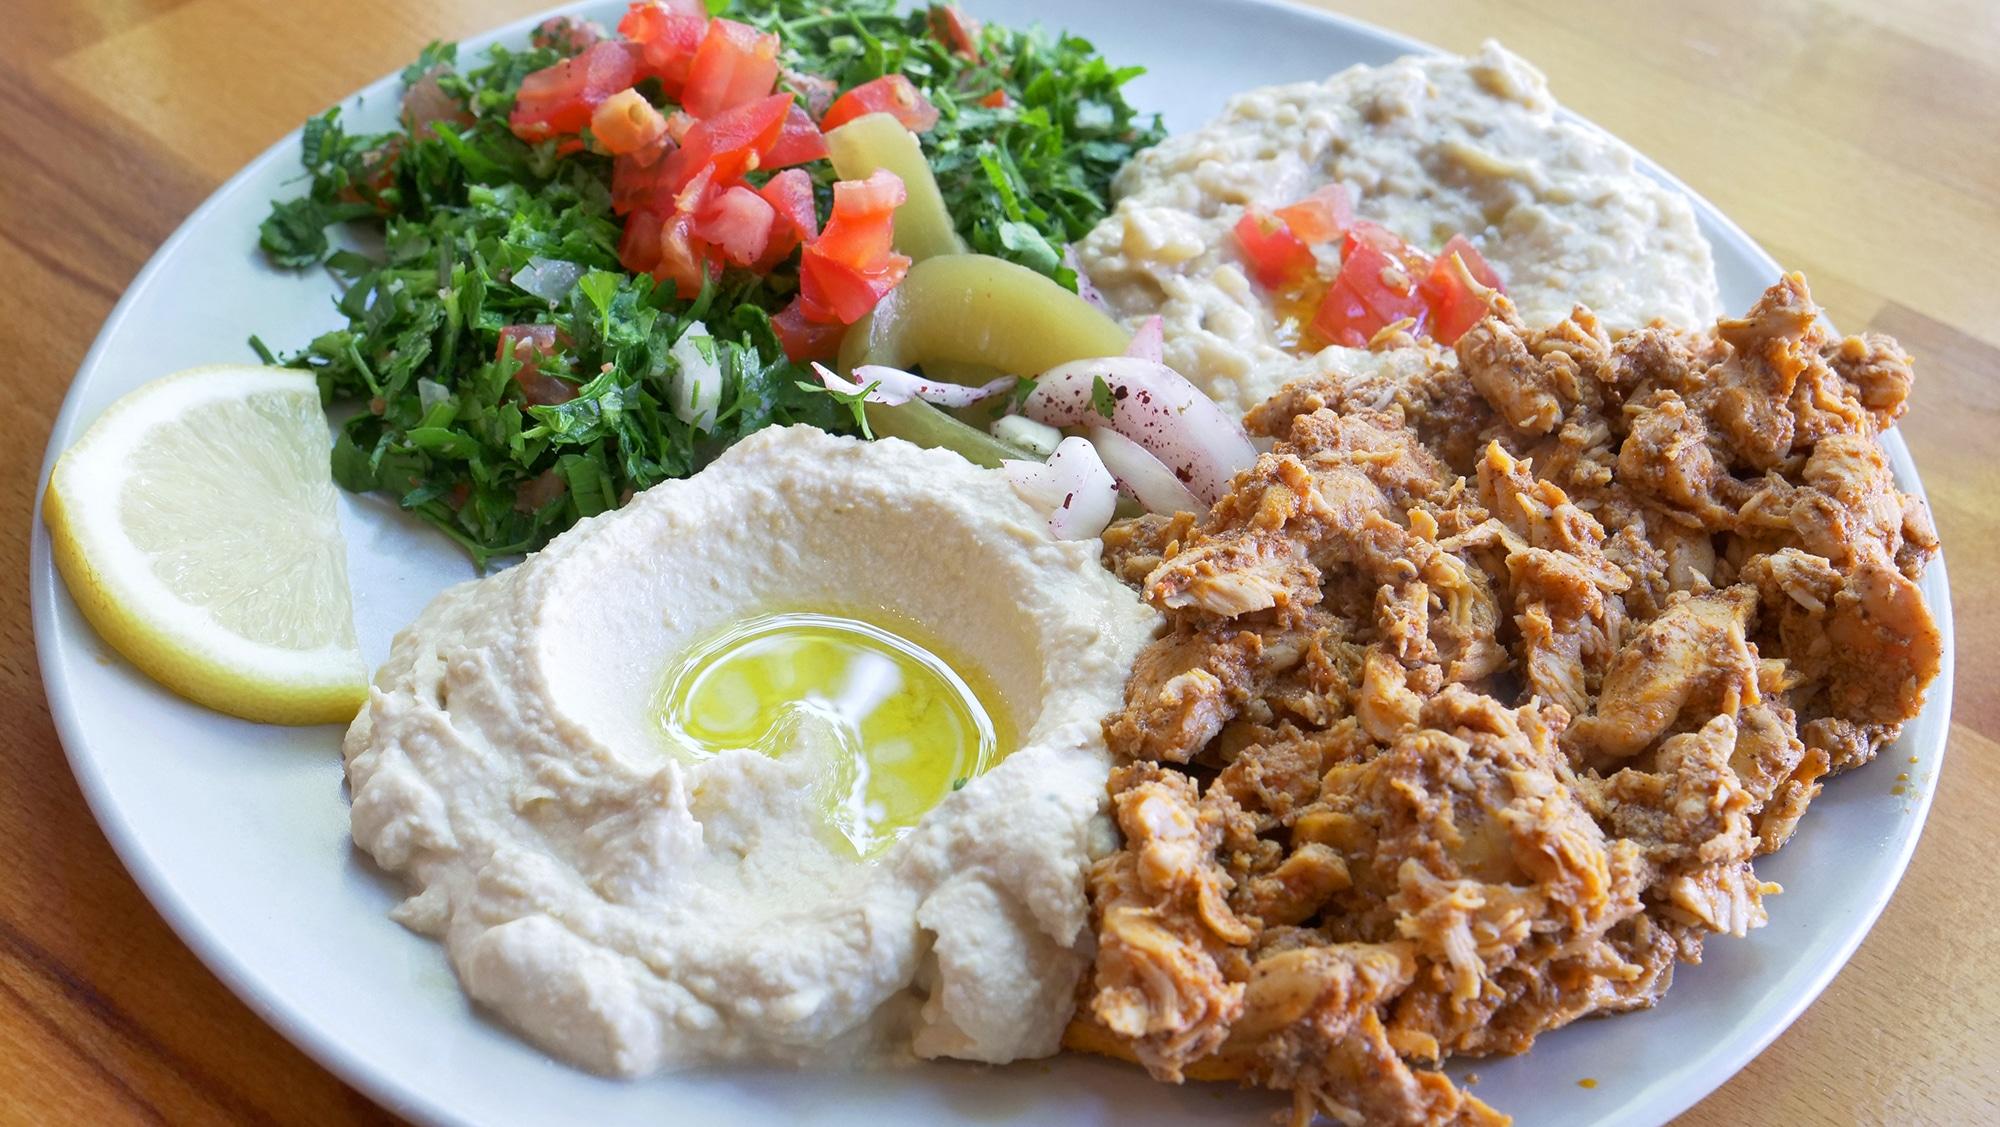 chawarma-poulet-libanais-montrouge-4.jpg